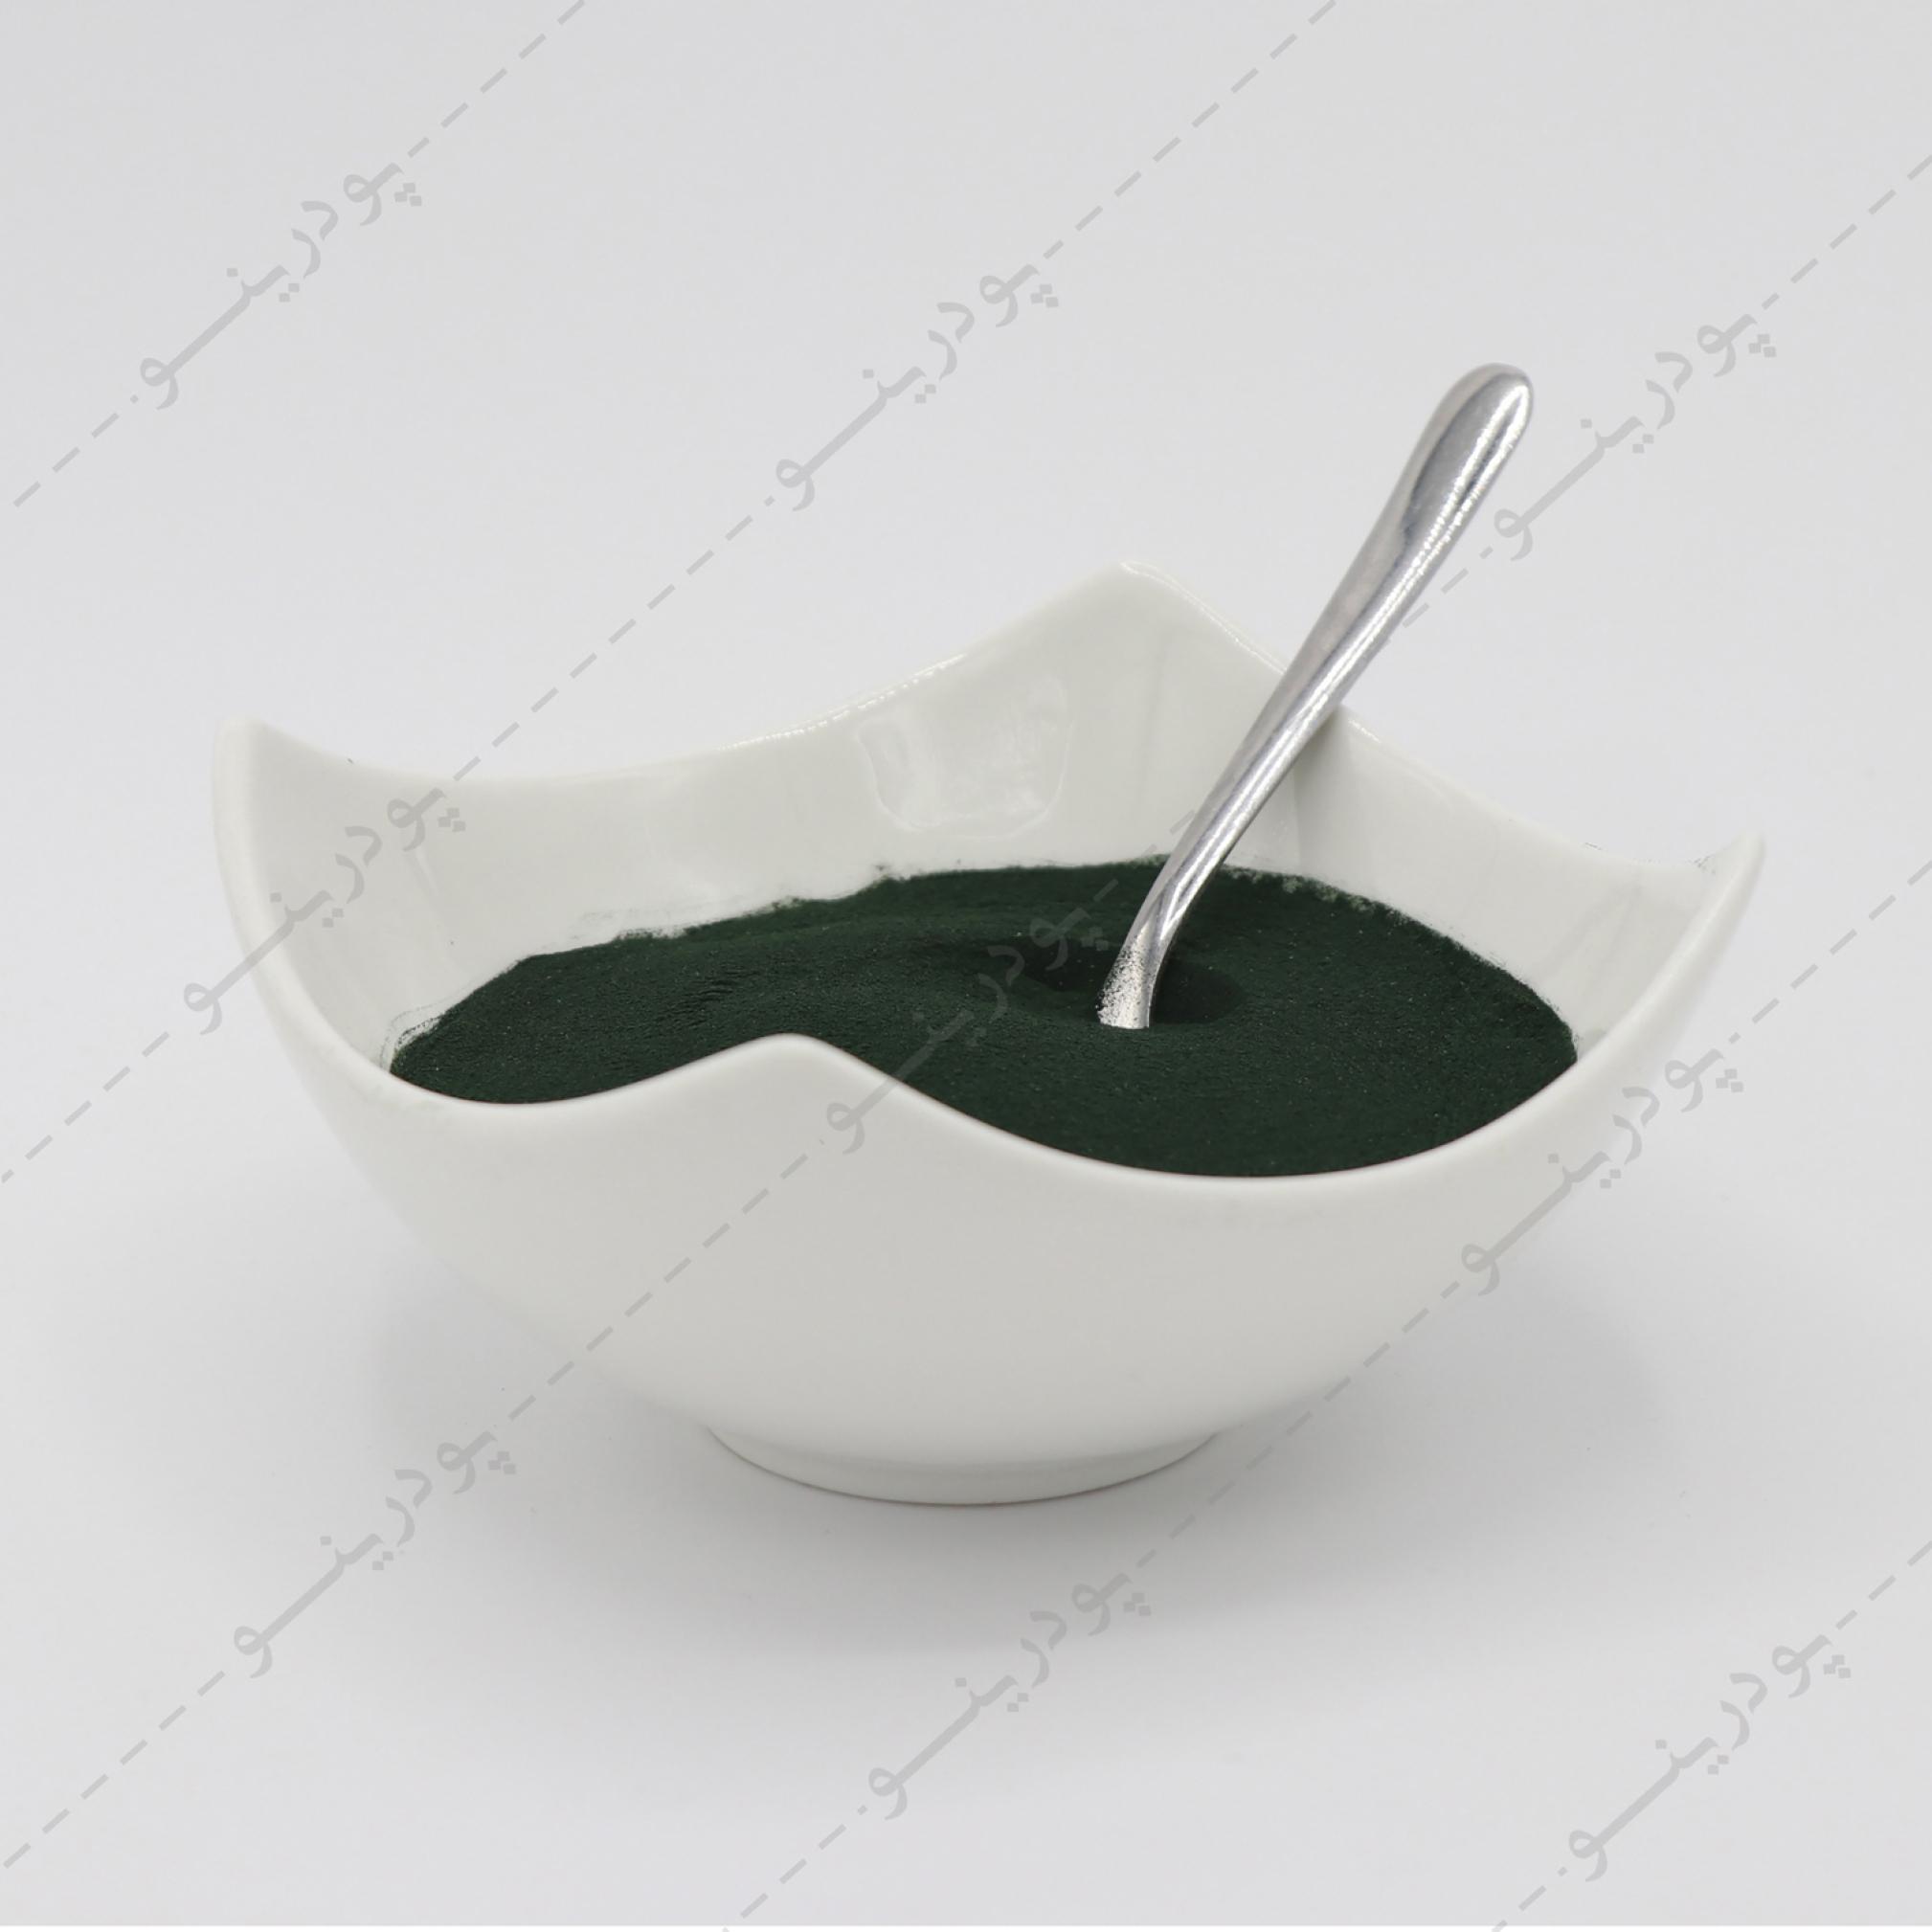 سپیرولینا یک نوع جلبک دریایی با رنگ سبز آبی می باشد که به دلیل خواص فراوان آن بسیار مورد توجه است. به گونه ای که ناسا در